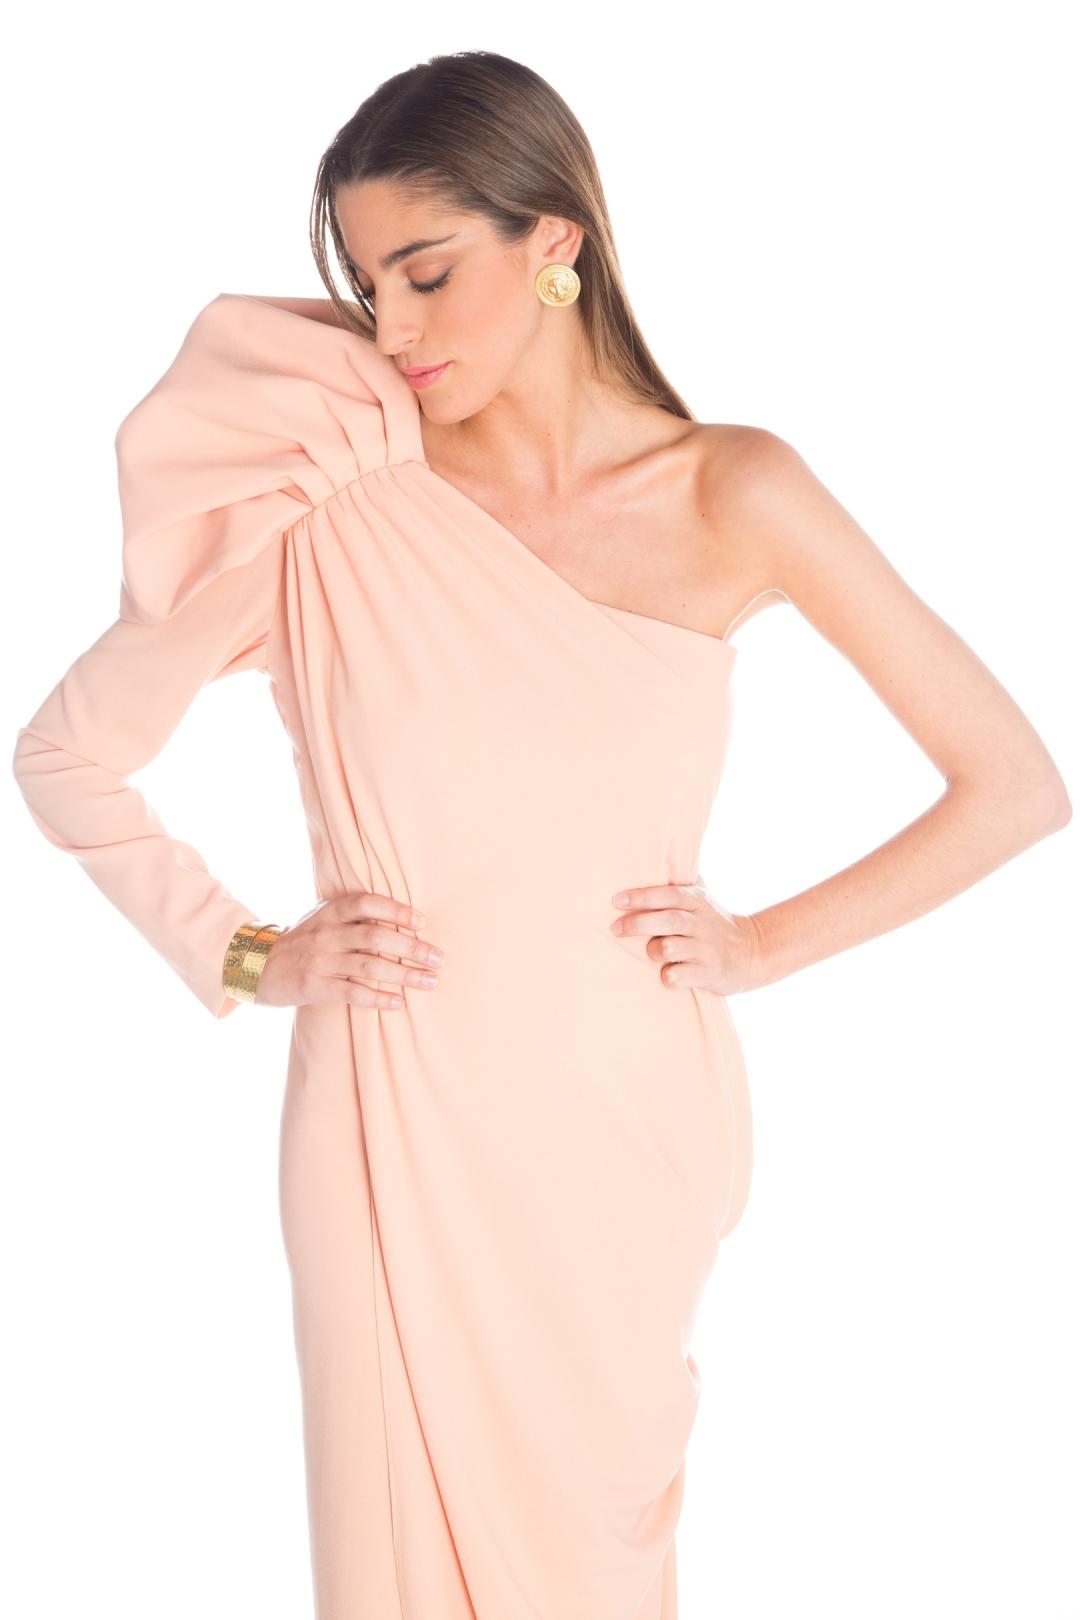 e6f9bd954 Vestido Mencia - Alquiler de Vestidos - La Más Mona